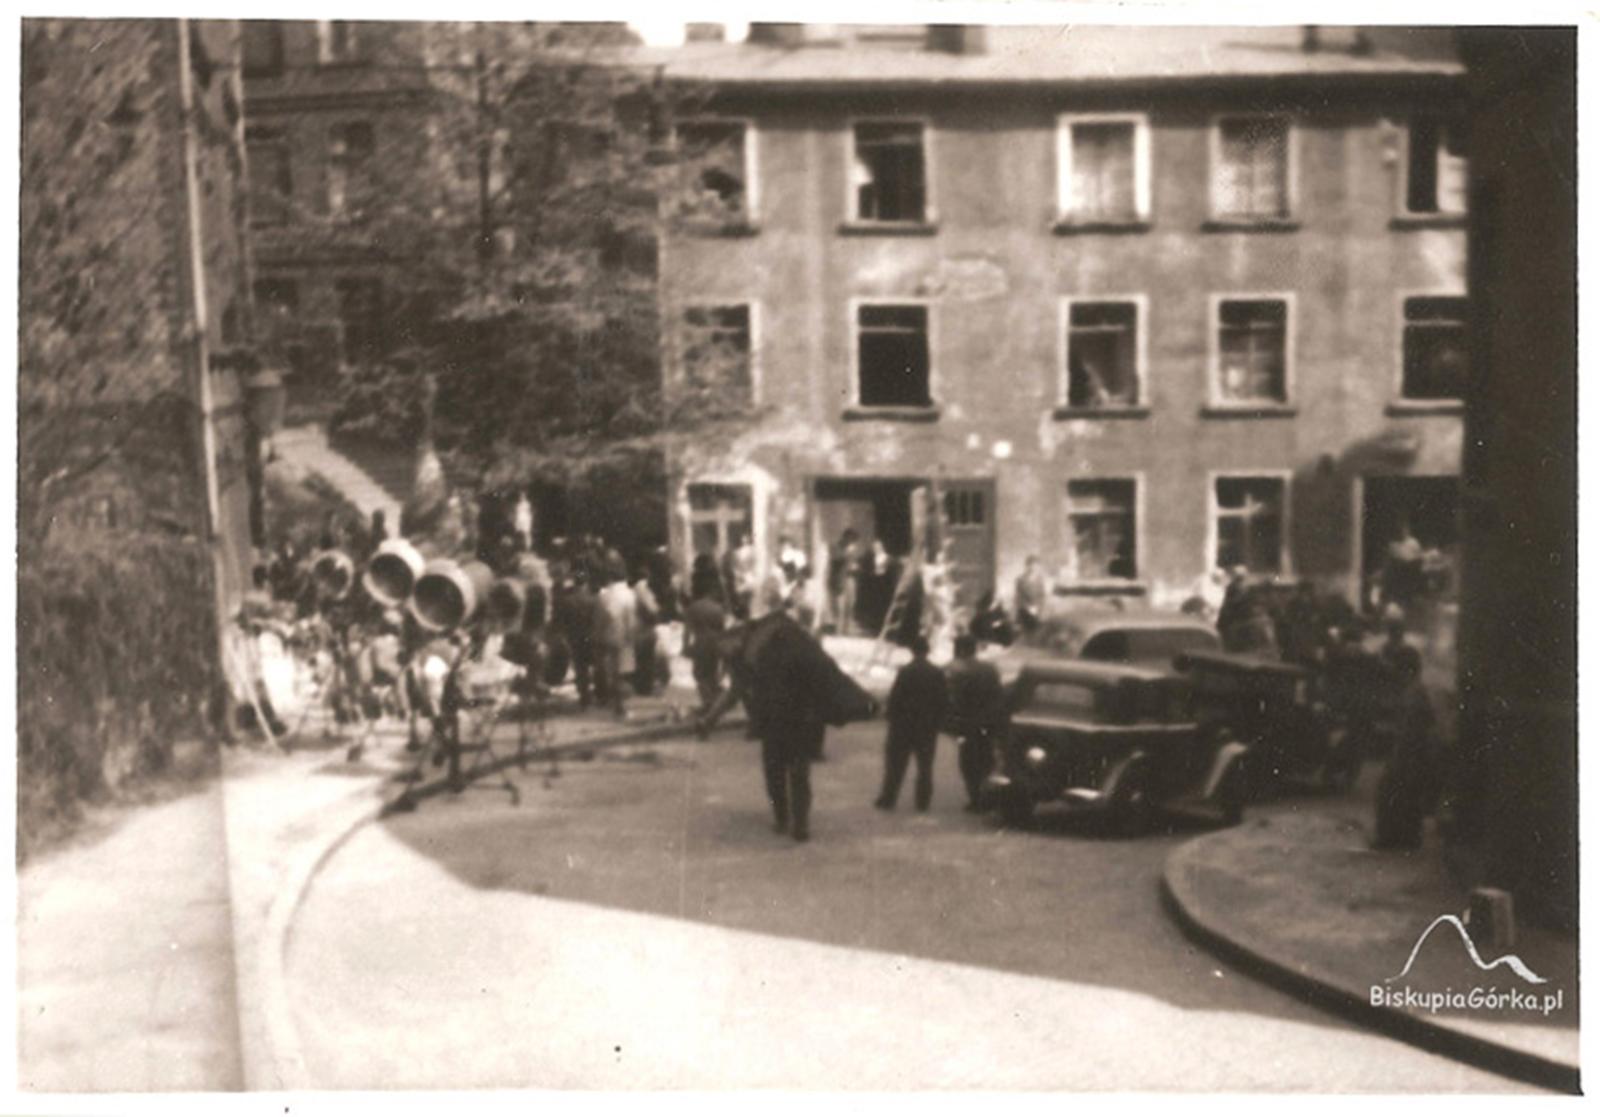 1960 r. Plan zdjęciowy filmu Walet pikowy, przed kamienicą Biskupia 10, która została niedługo po tym rozebrana.